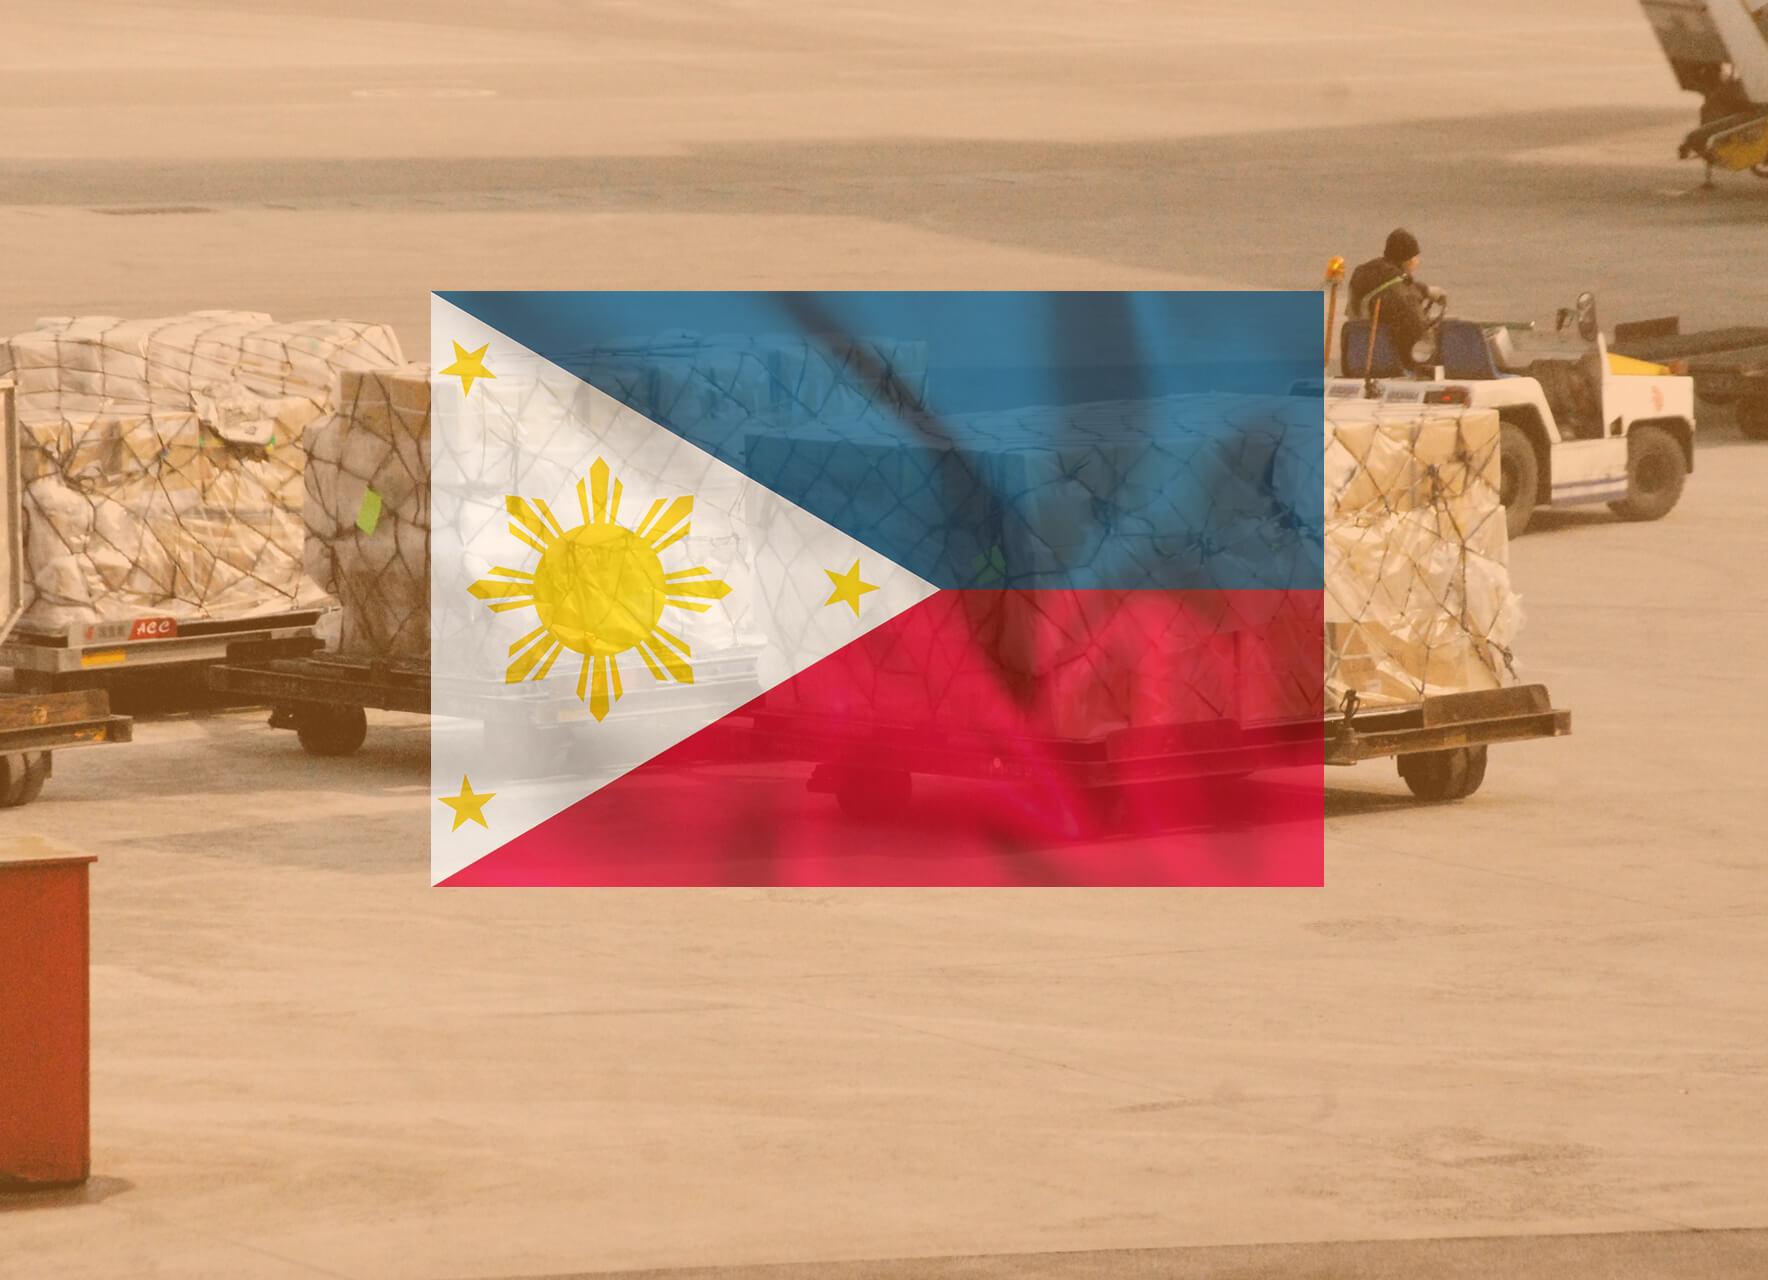 フィリピンコンテナ